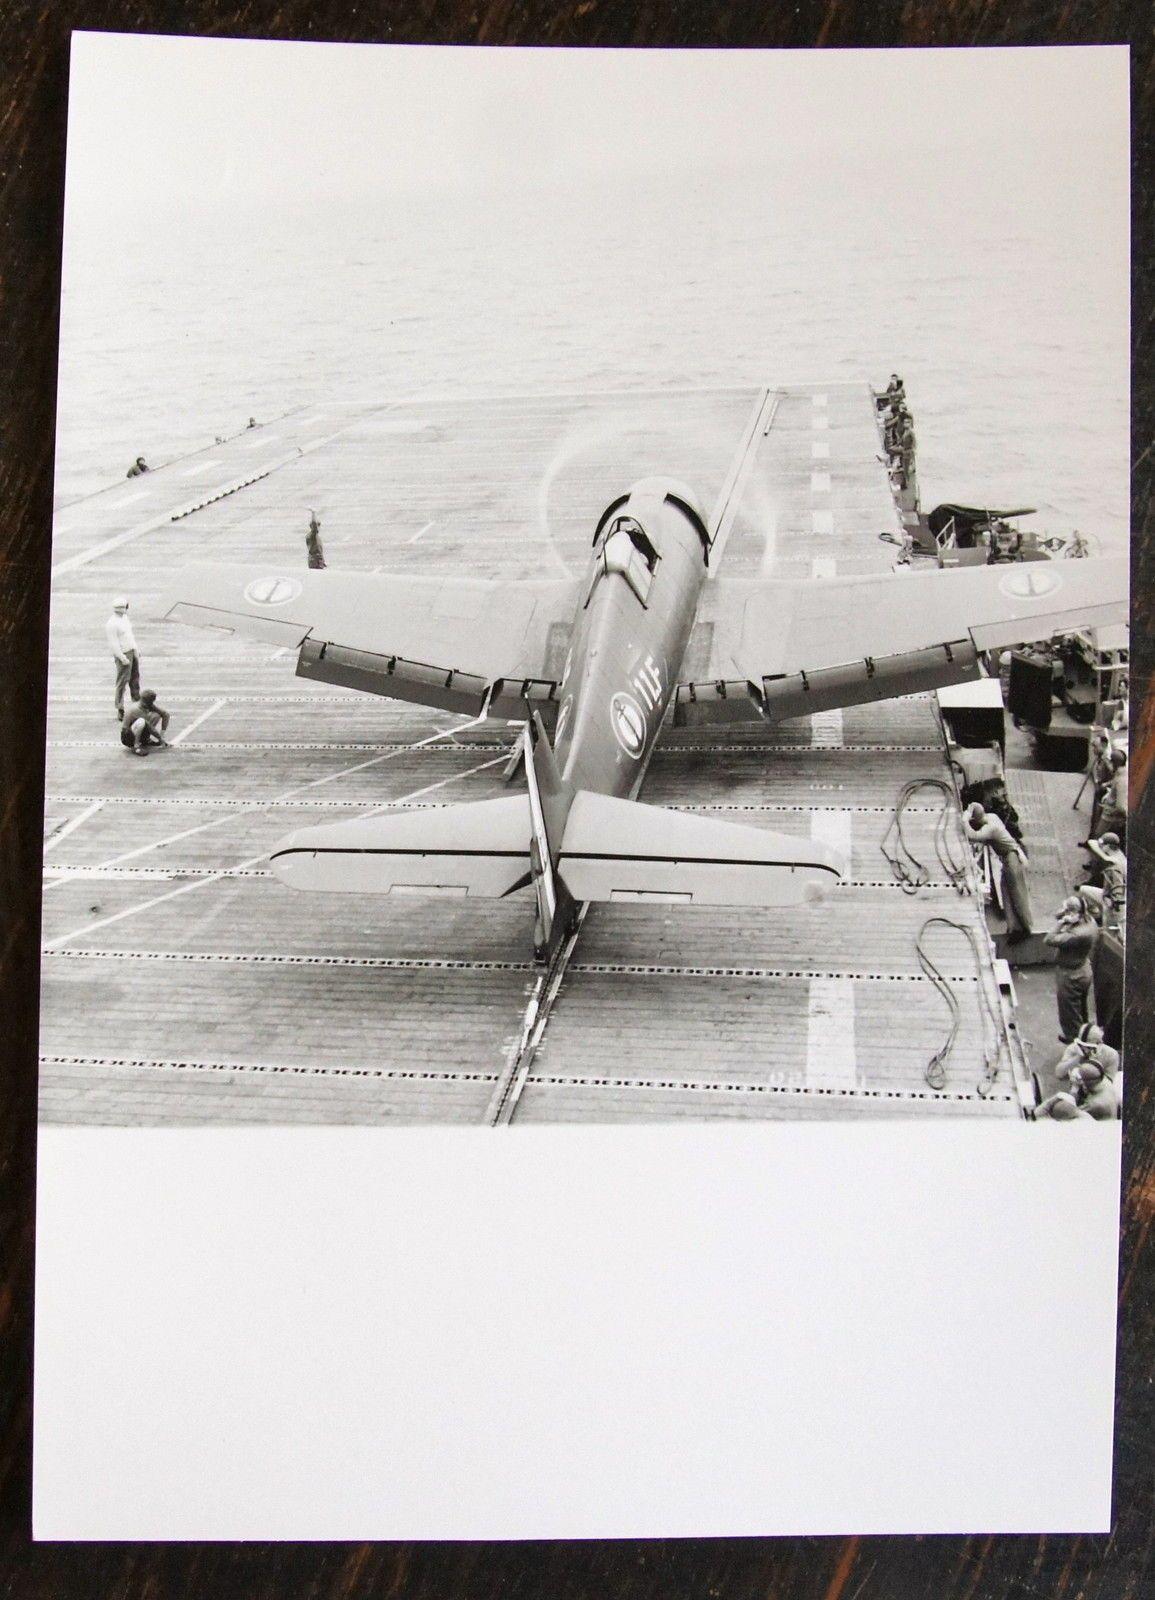 Grumman F6F Hellcat_03.JPG